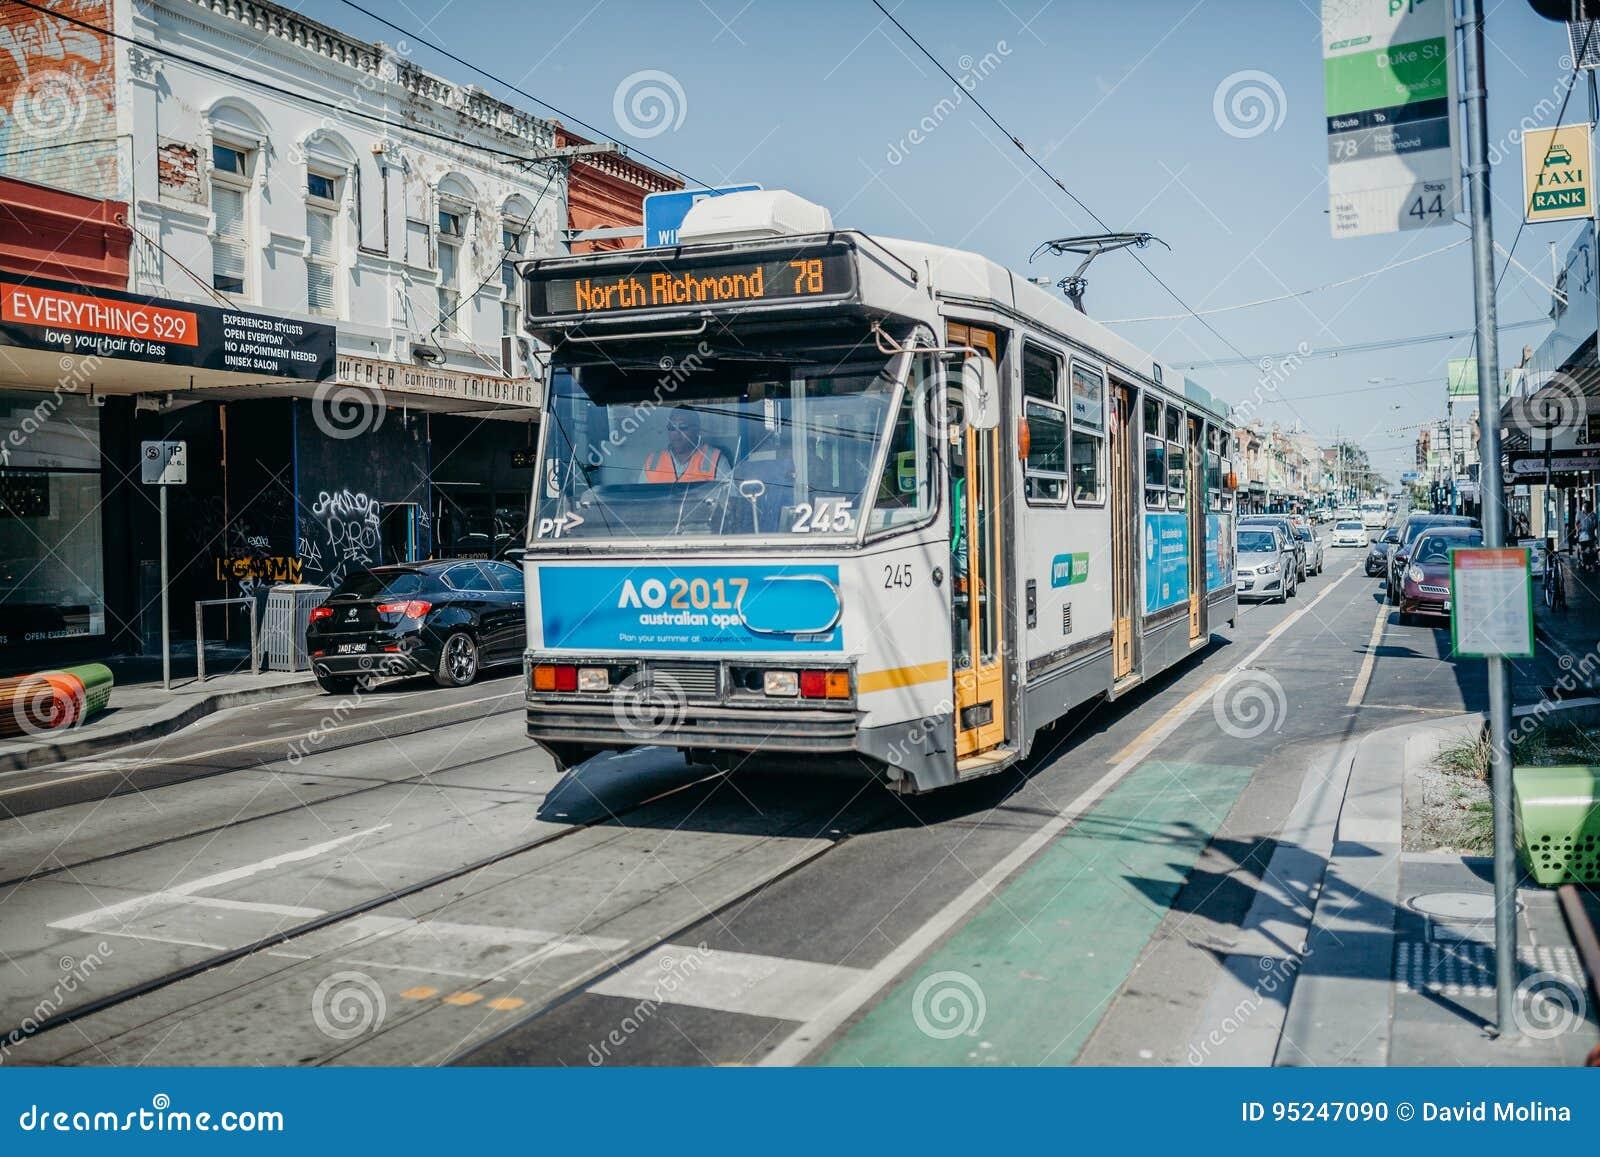 MELBOURNE, AUSTRÁLIA - 12 de março de 2017: Transporte o número 78, com parada final em Richmond norte, correndo ao longo da rua